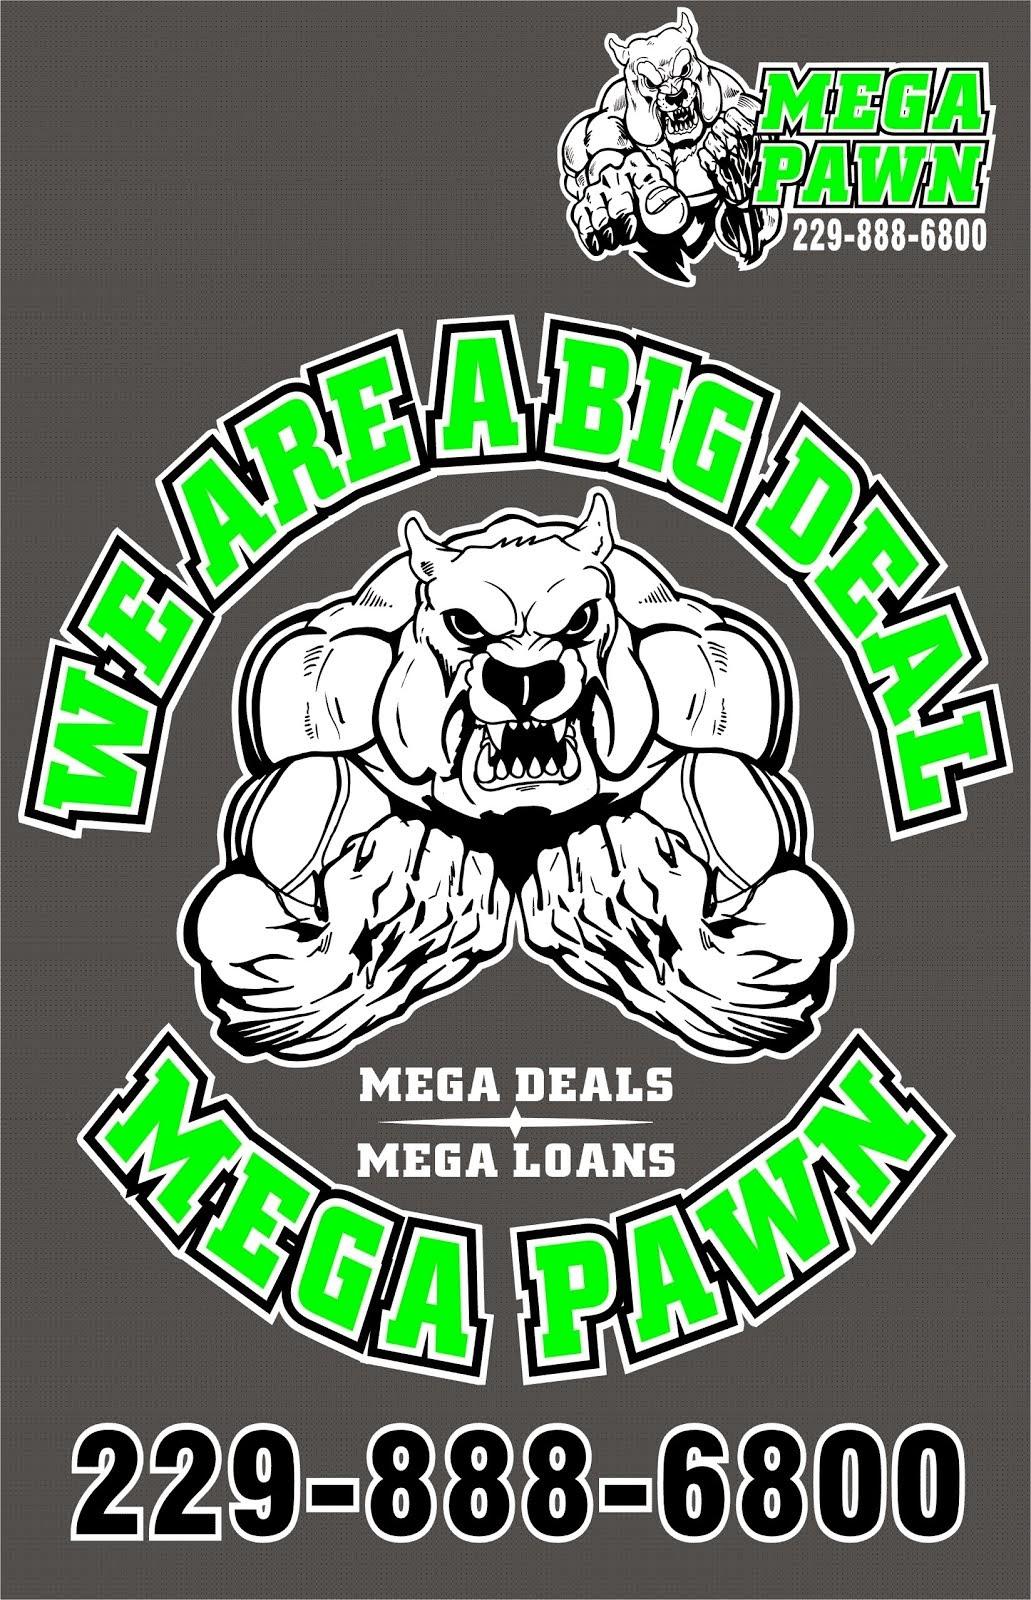 Mega Pawn